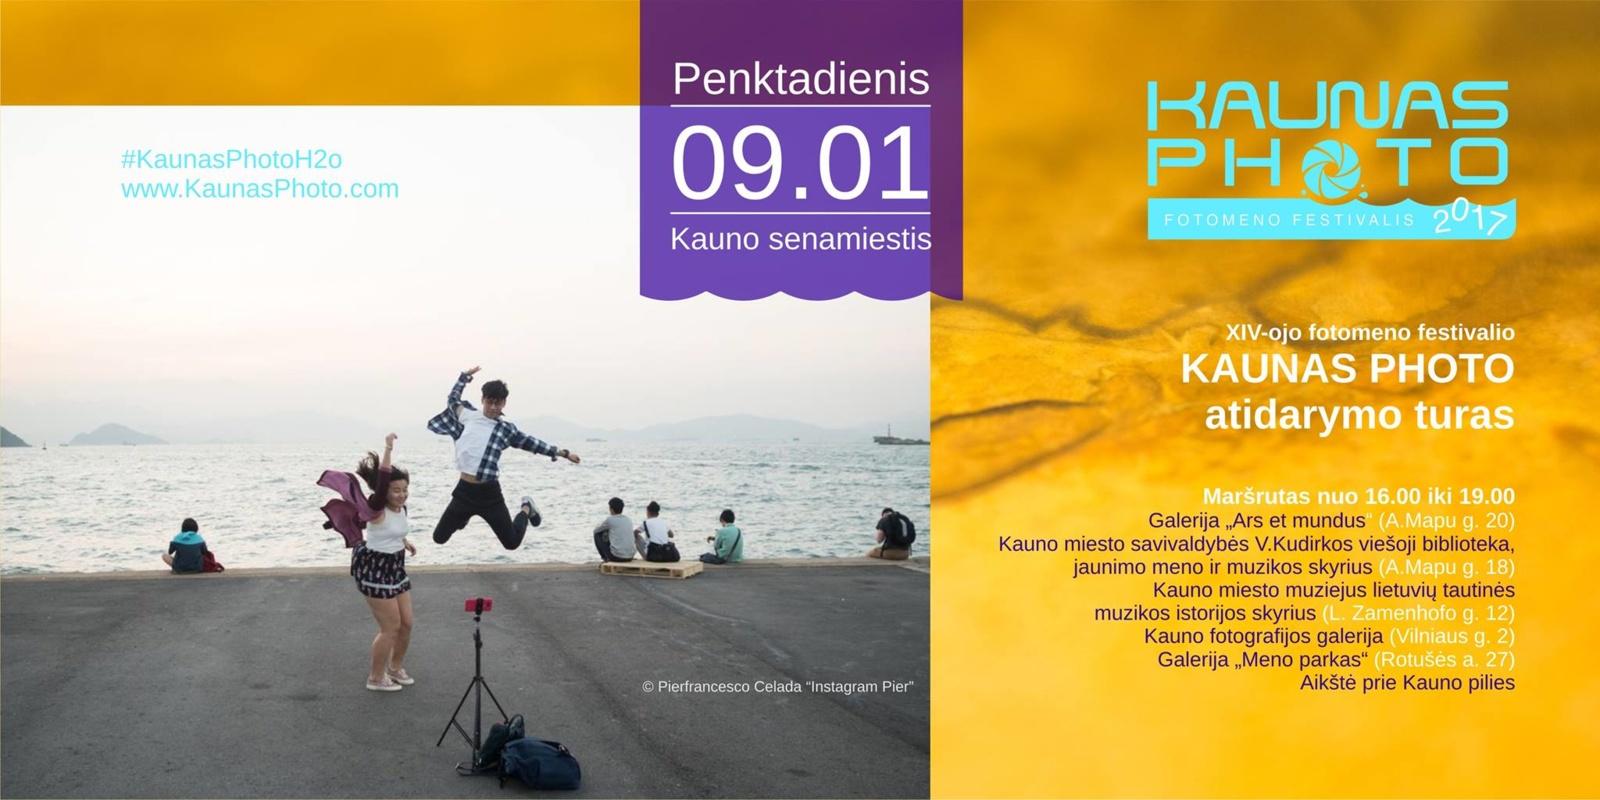 """Festivalis """"Kaunas Photo 2017"""" pasižymės renginių gausa"""